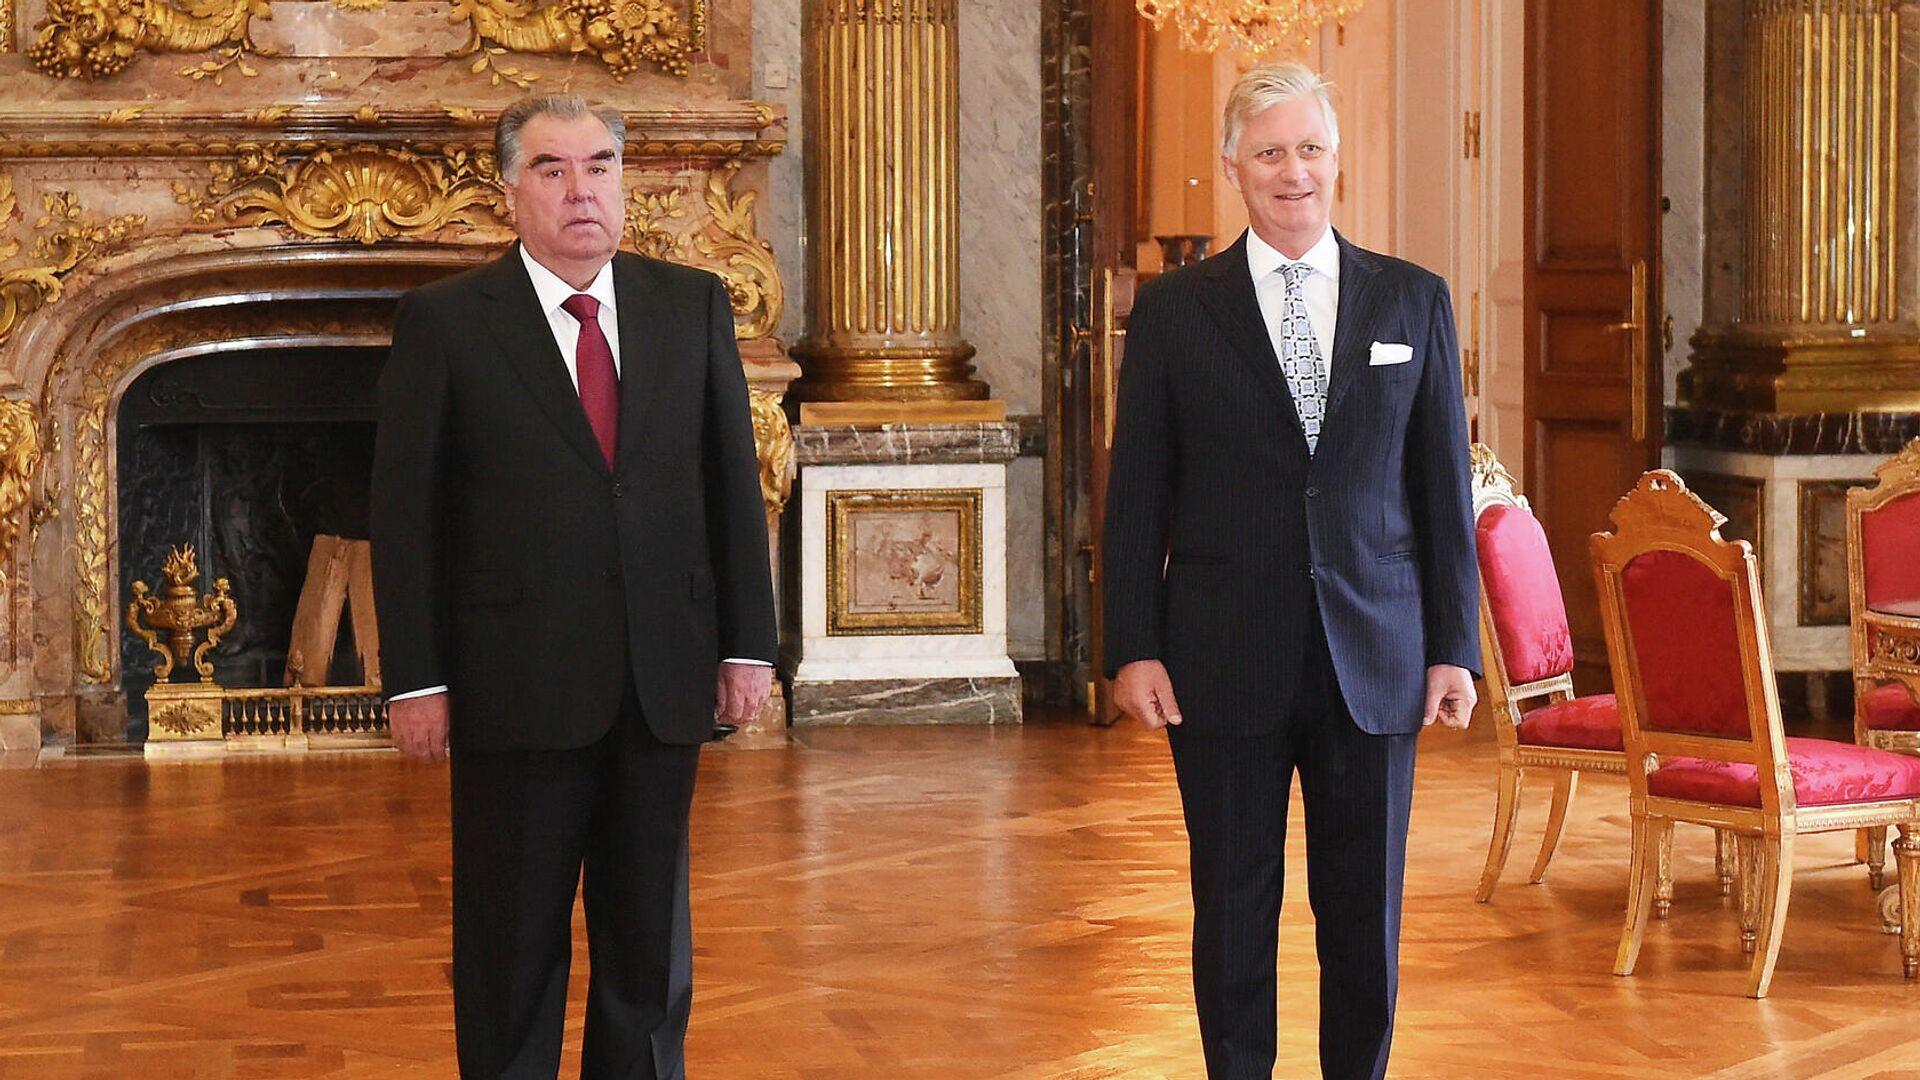 Встреча Эмомали Рахмона с королем Бельгии Филиппом - Sputnik Таджикистан, 1920, 12.10.2021